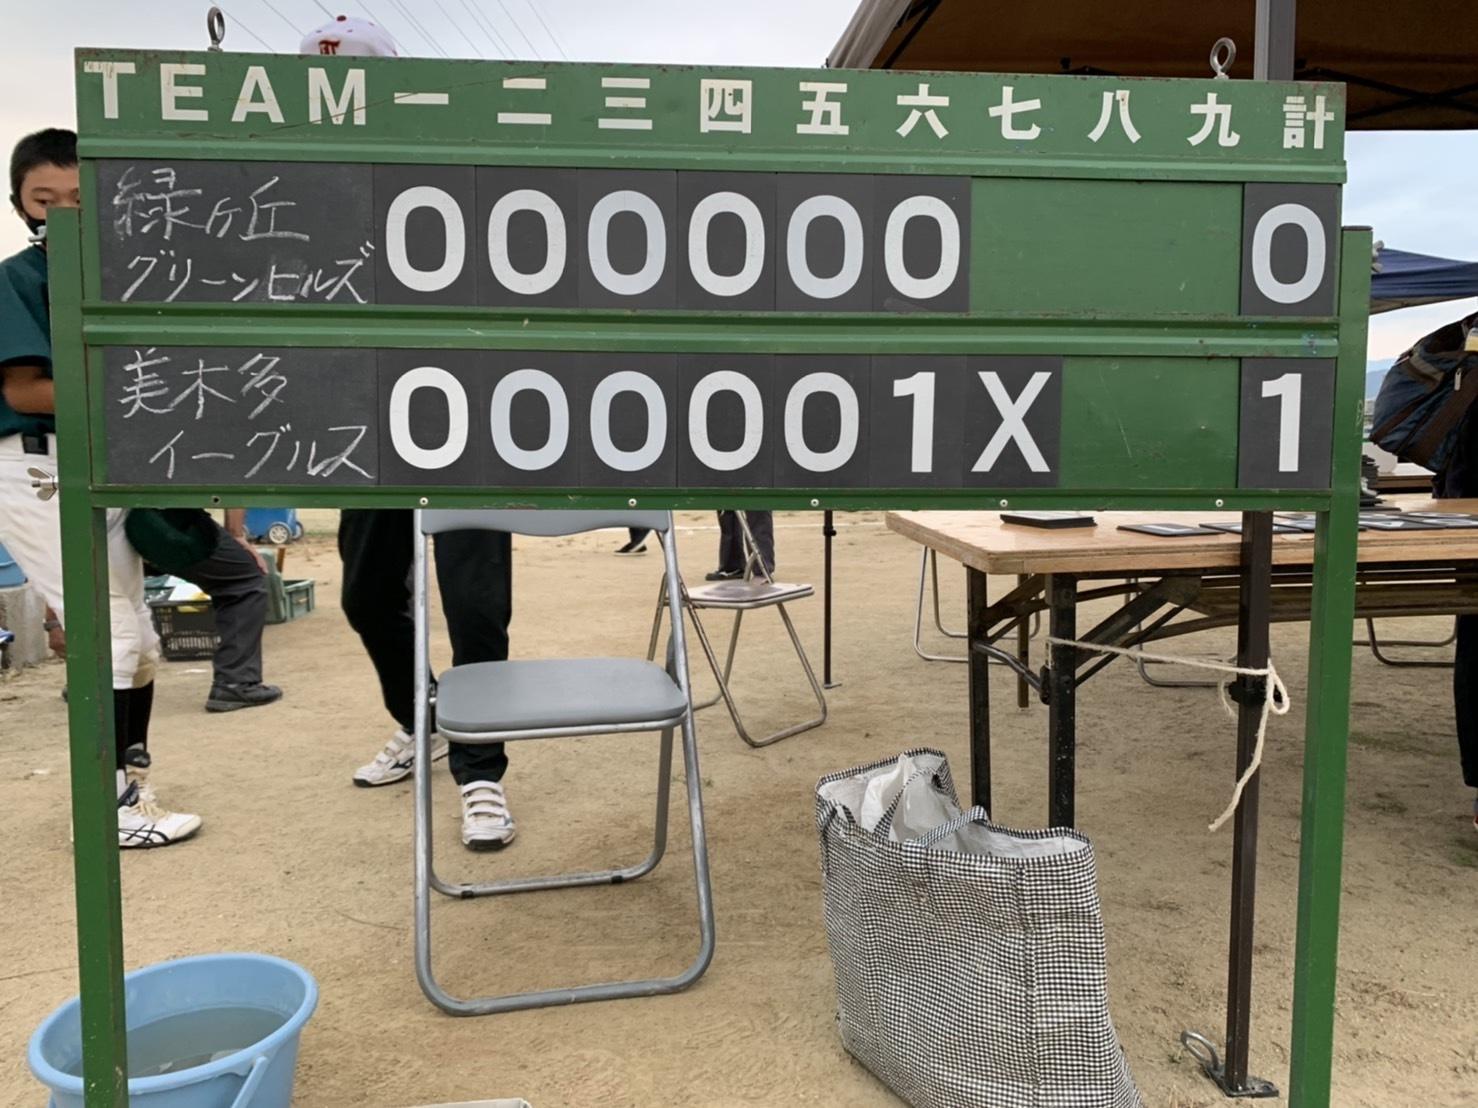 第20回 富田林ロータリー旗争奪少年野球大会  第13日目 10/16(土)_c0309012_17312537.jpeg